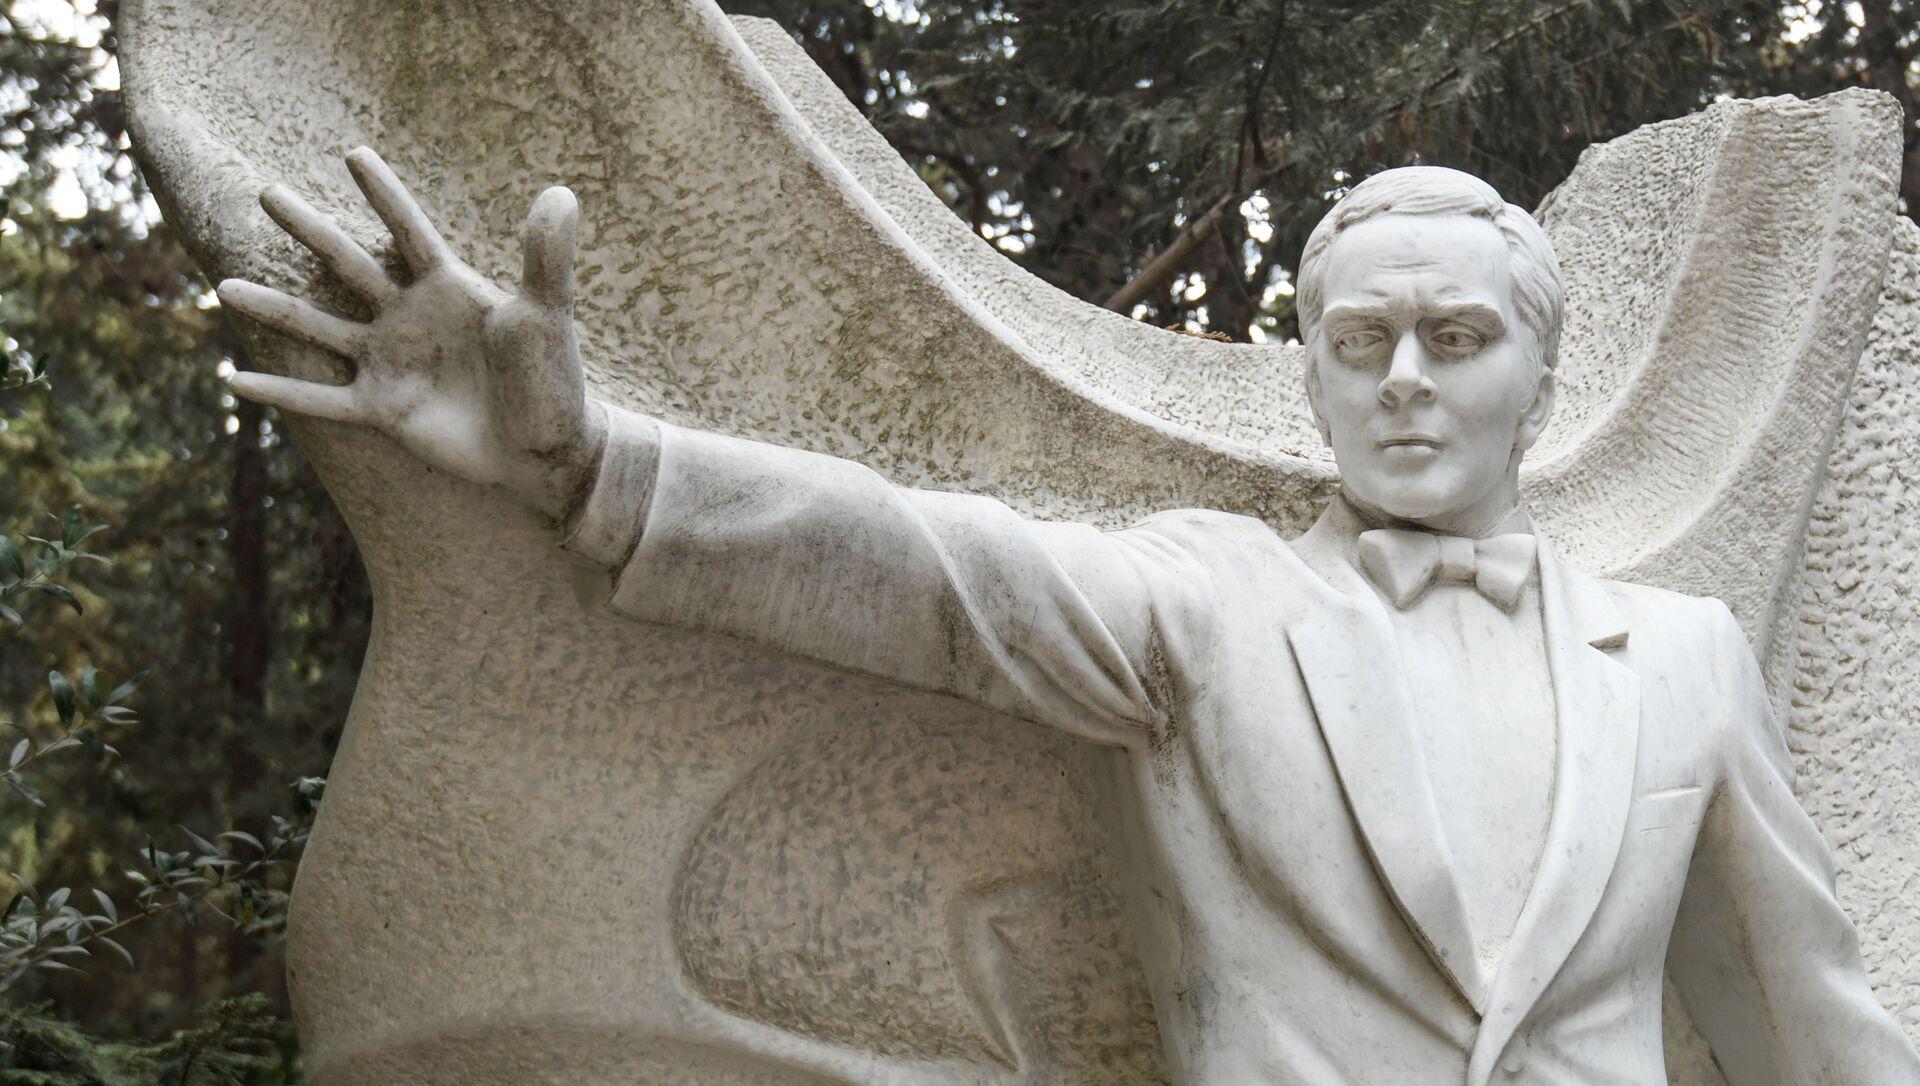 В Баку почтили память народного артиста СССР Муслима Магомаева  - Sputnik Азербайджан, 1920, 18.09.2021